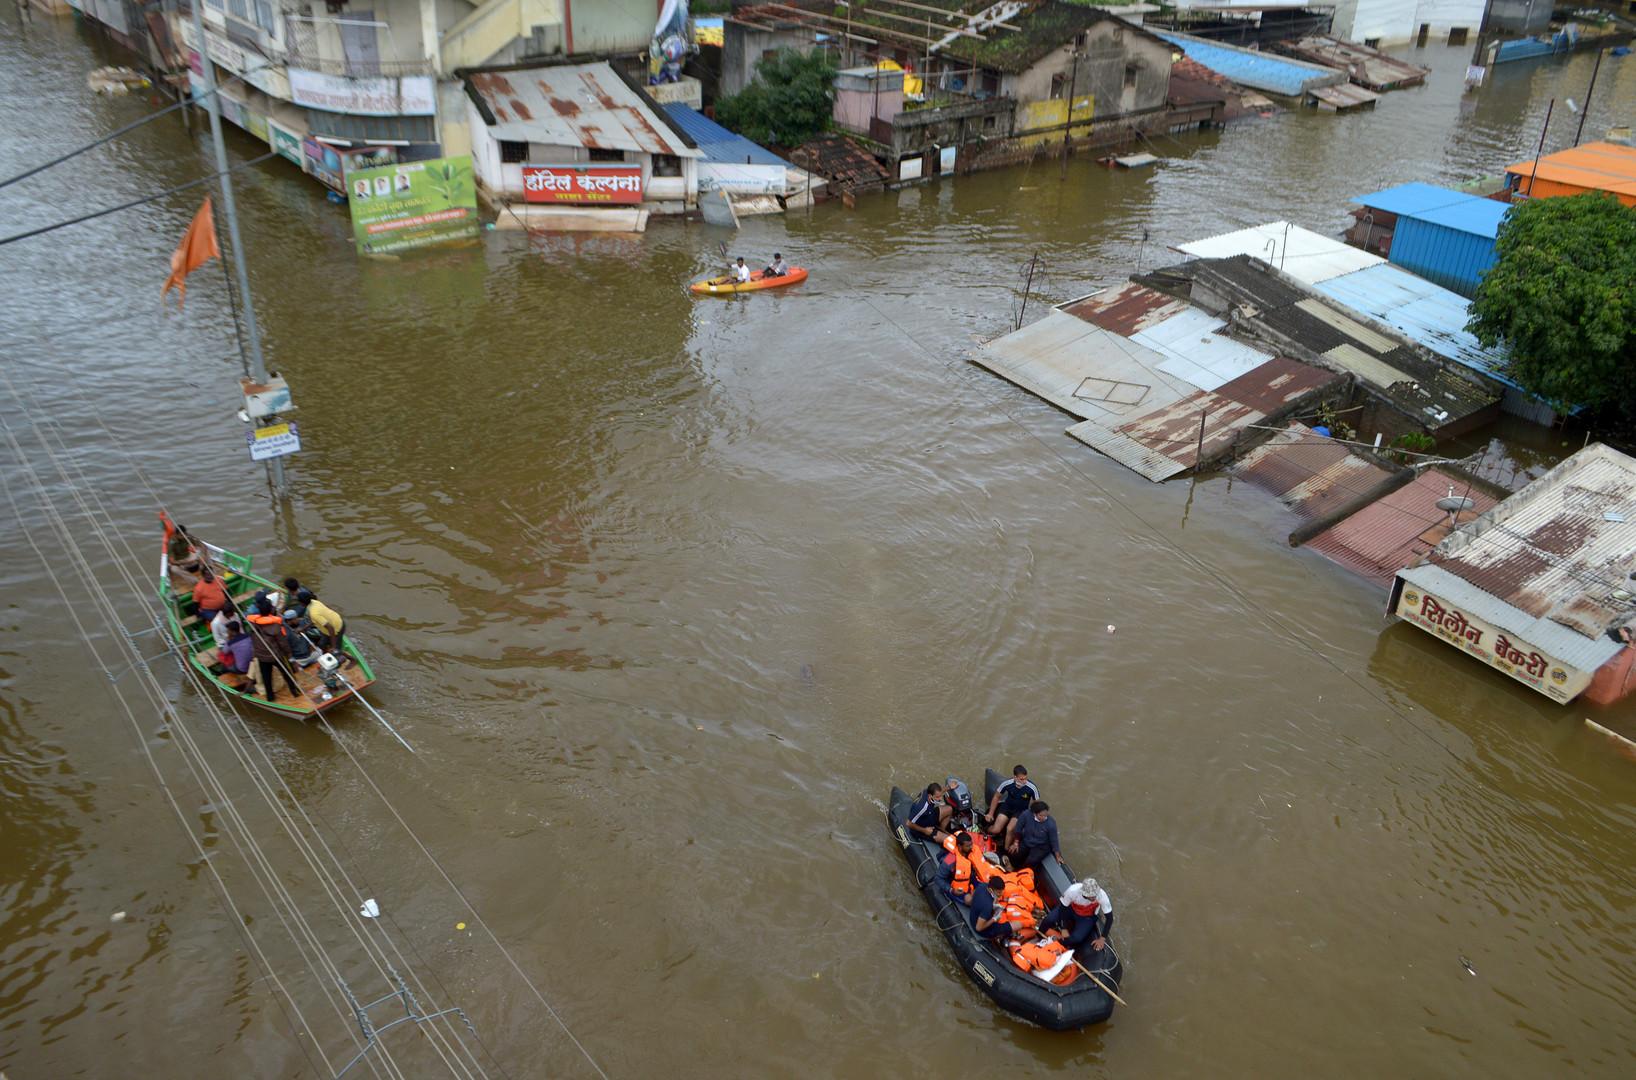 حصيلة ضحايا الفيضانات العارمة جنوب الهند تقترب من 150 قتيلا